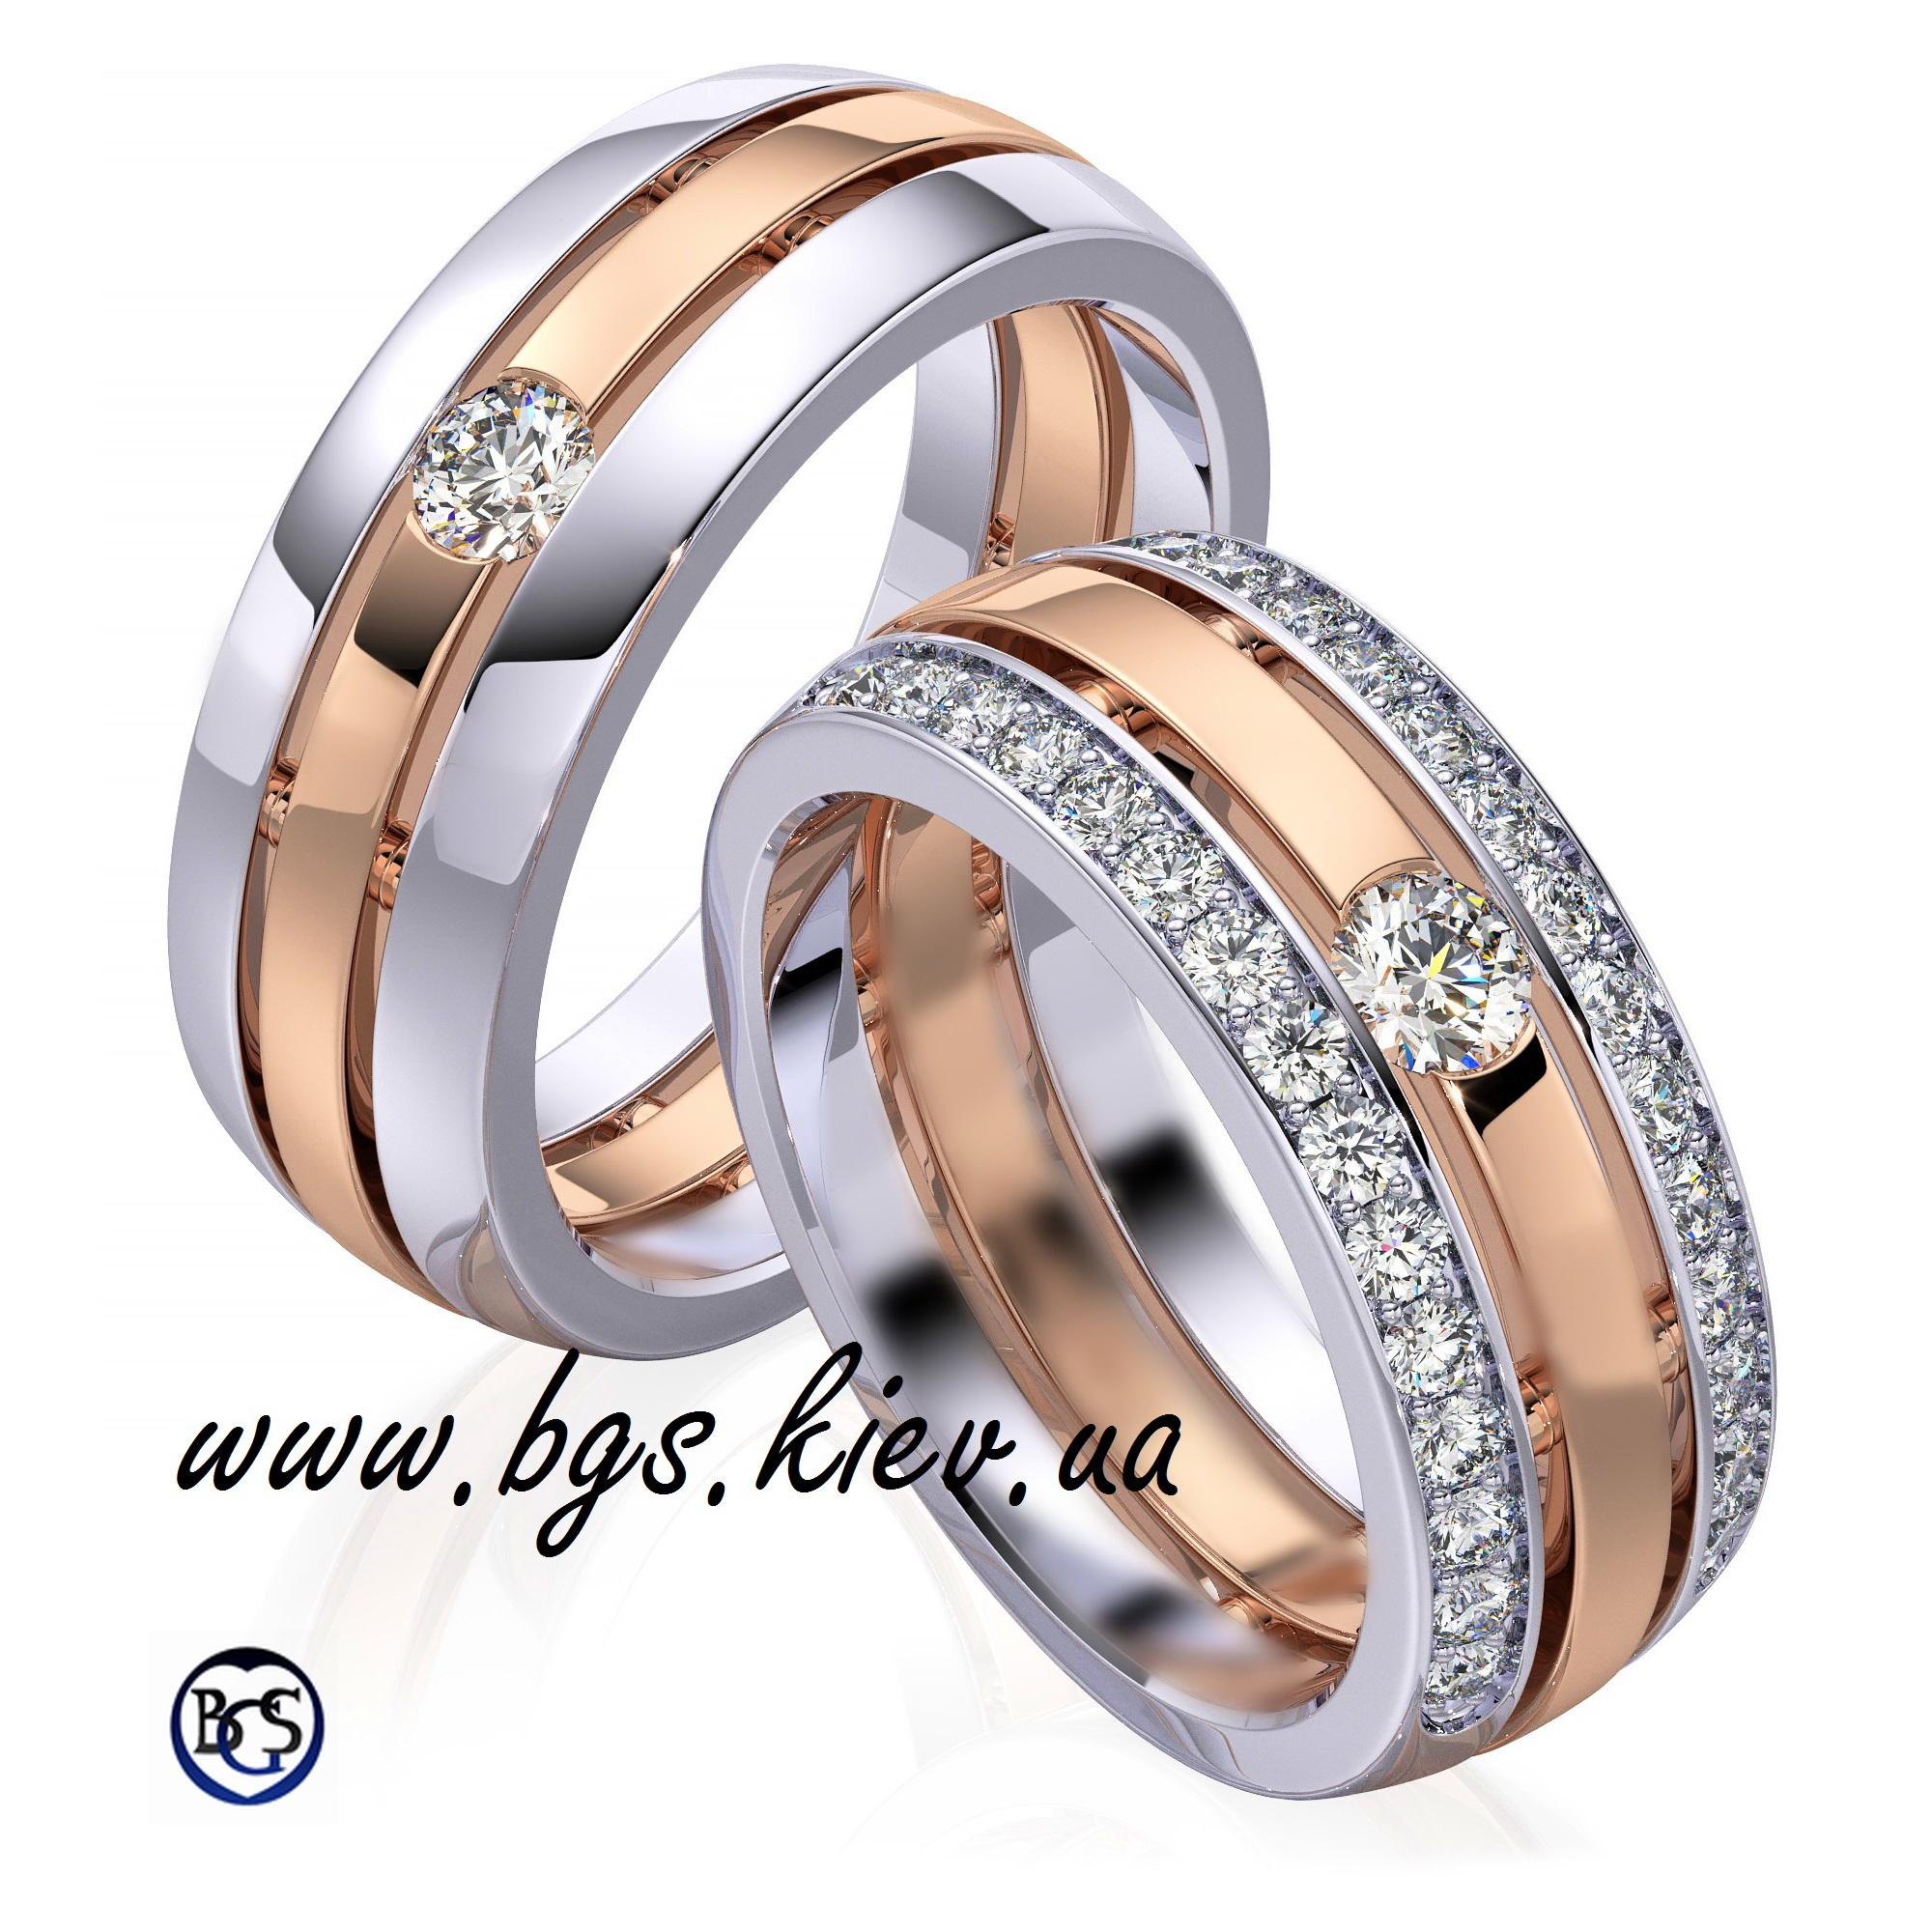 Дизайнерские обручальные кольца на заказ